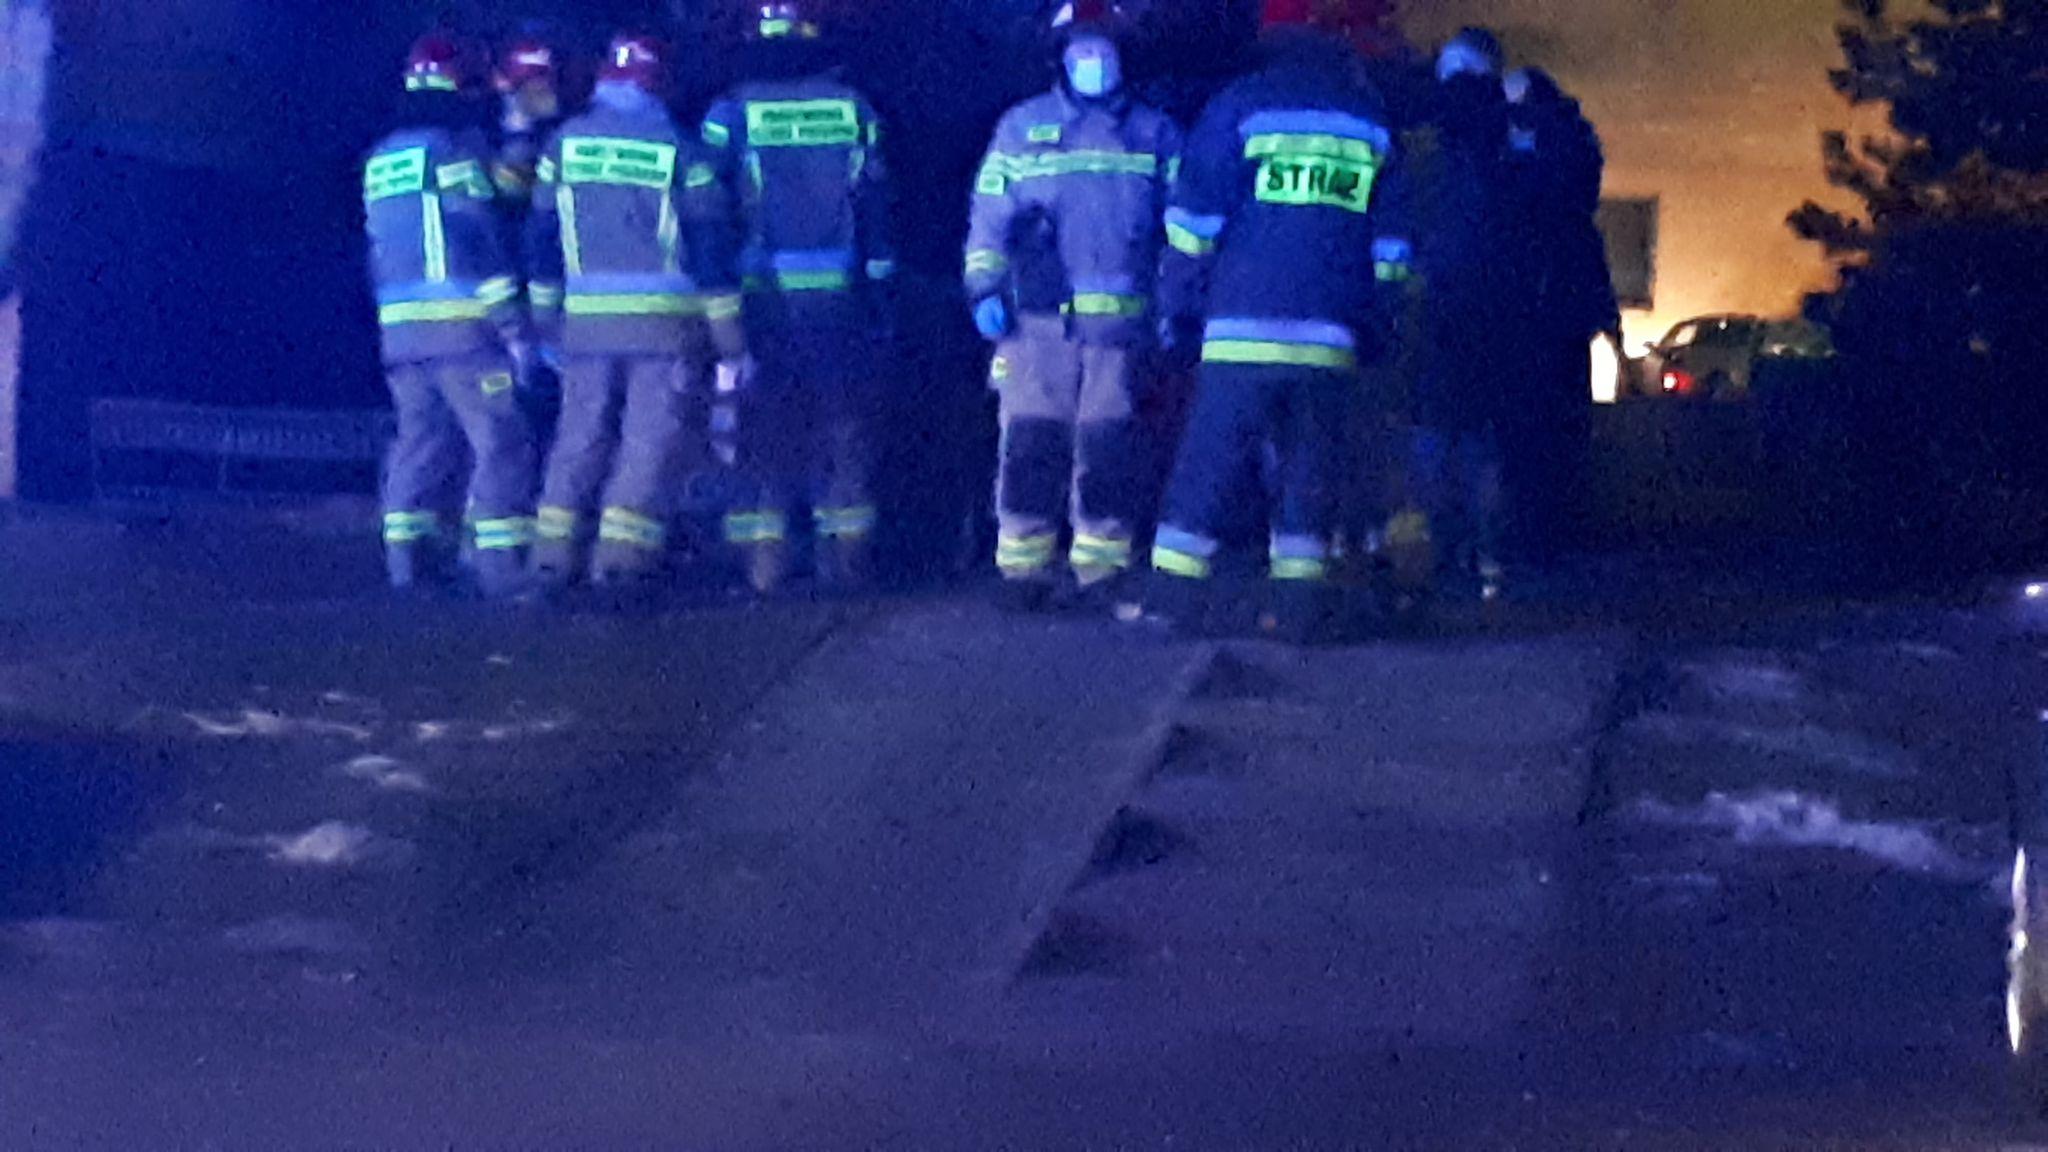 Tragedia w Mielcu. Mężczyzna wypadł z okna! [AKTUALIZACJA] - Zdjęcie główne